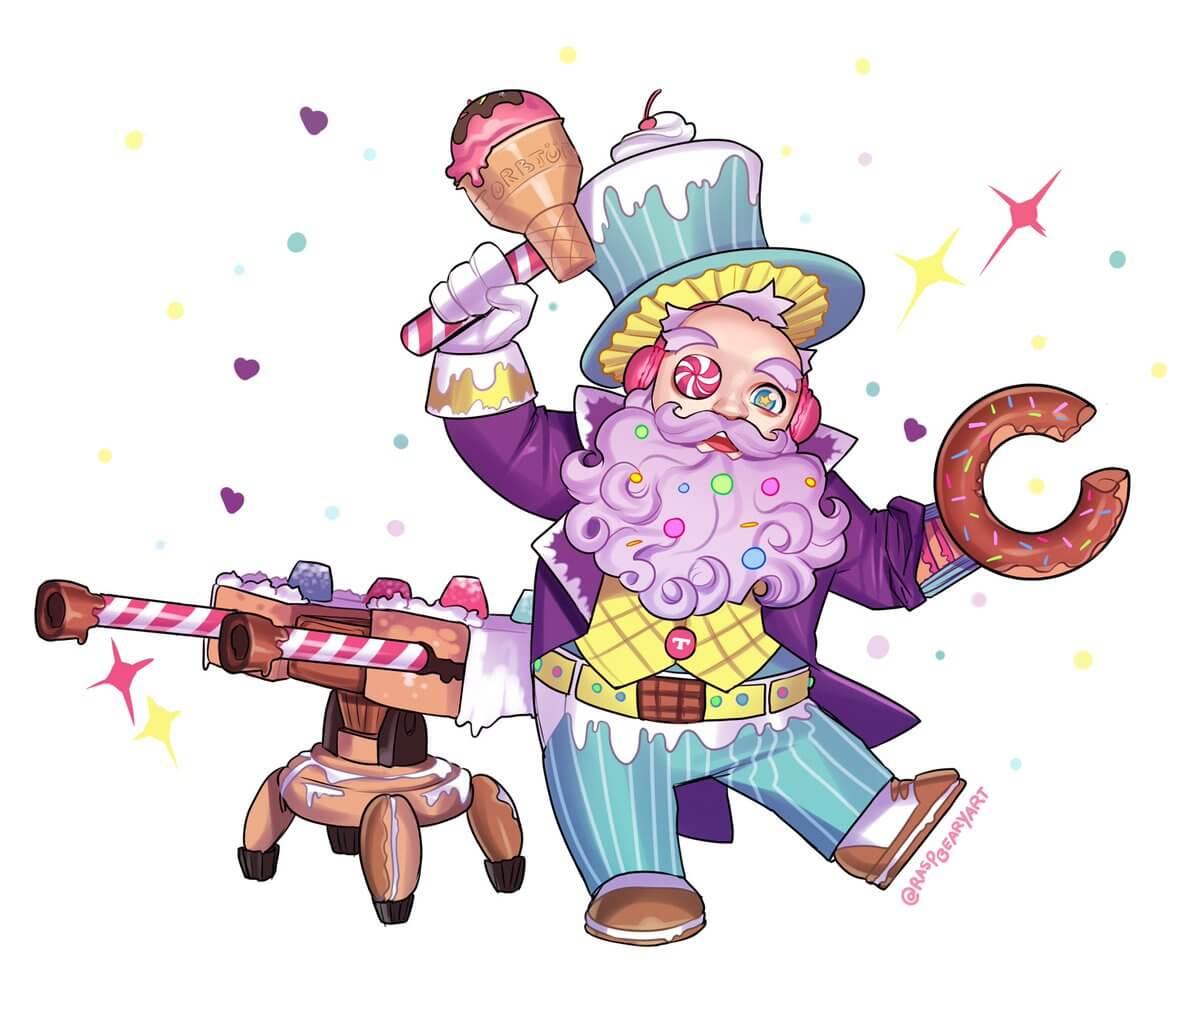 Candy Torbjorn by raspbearyart